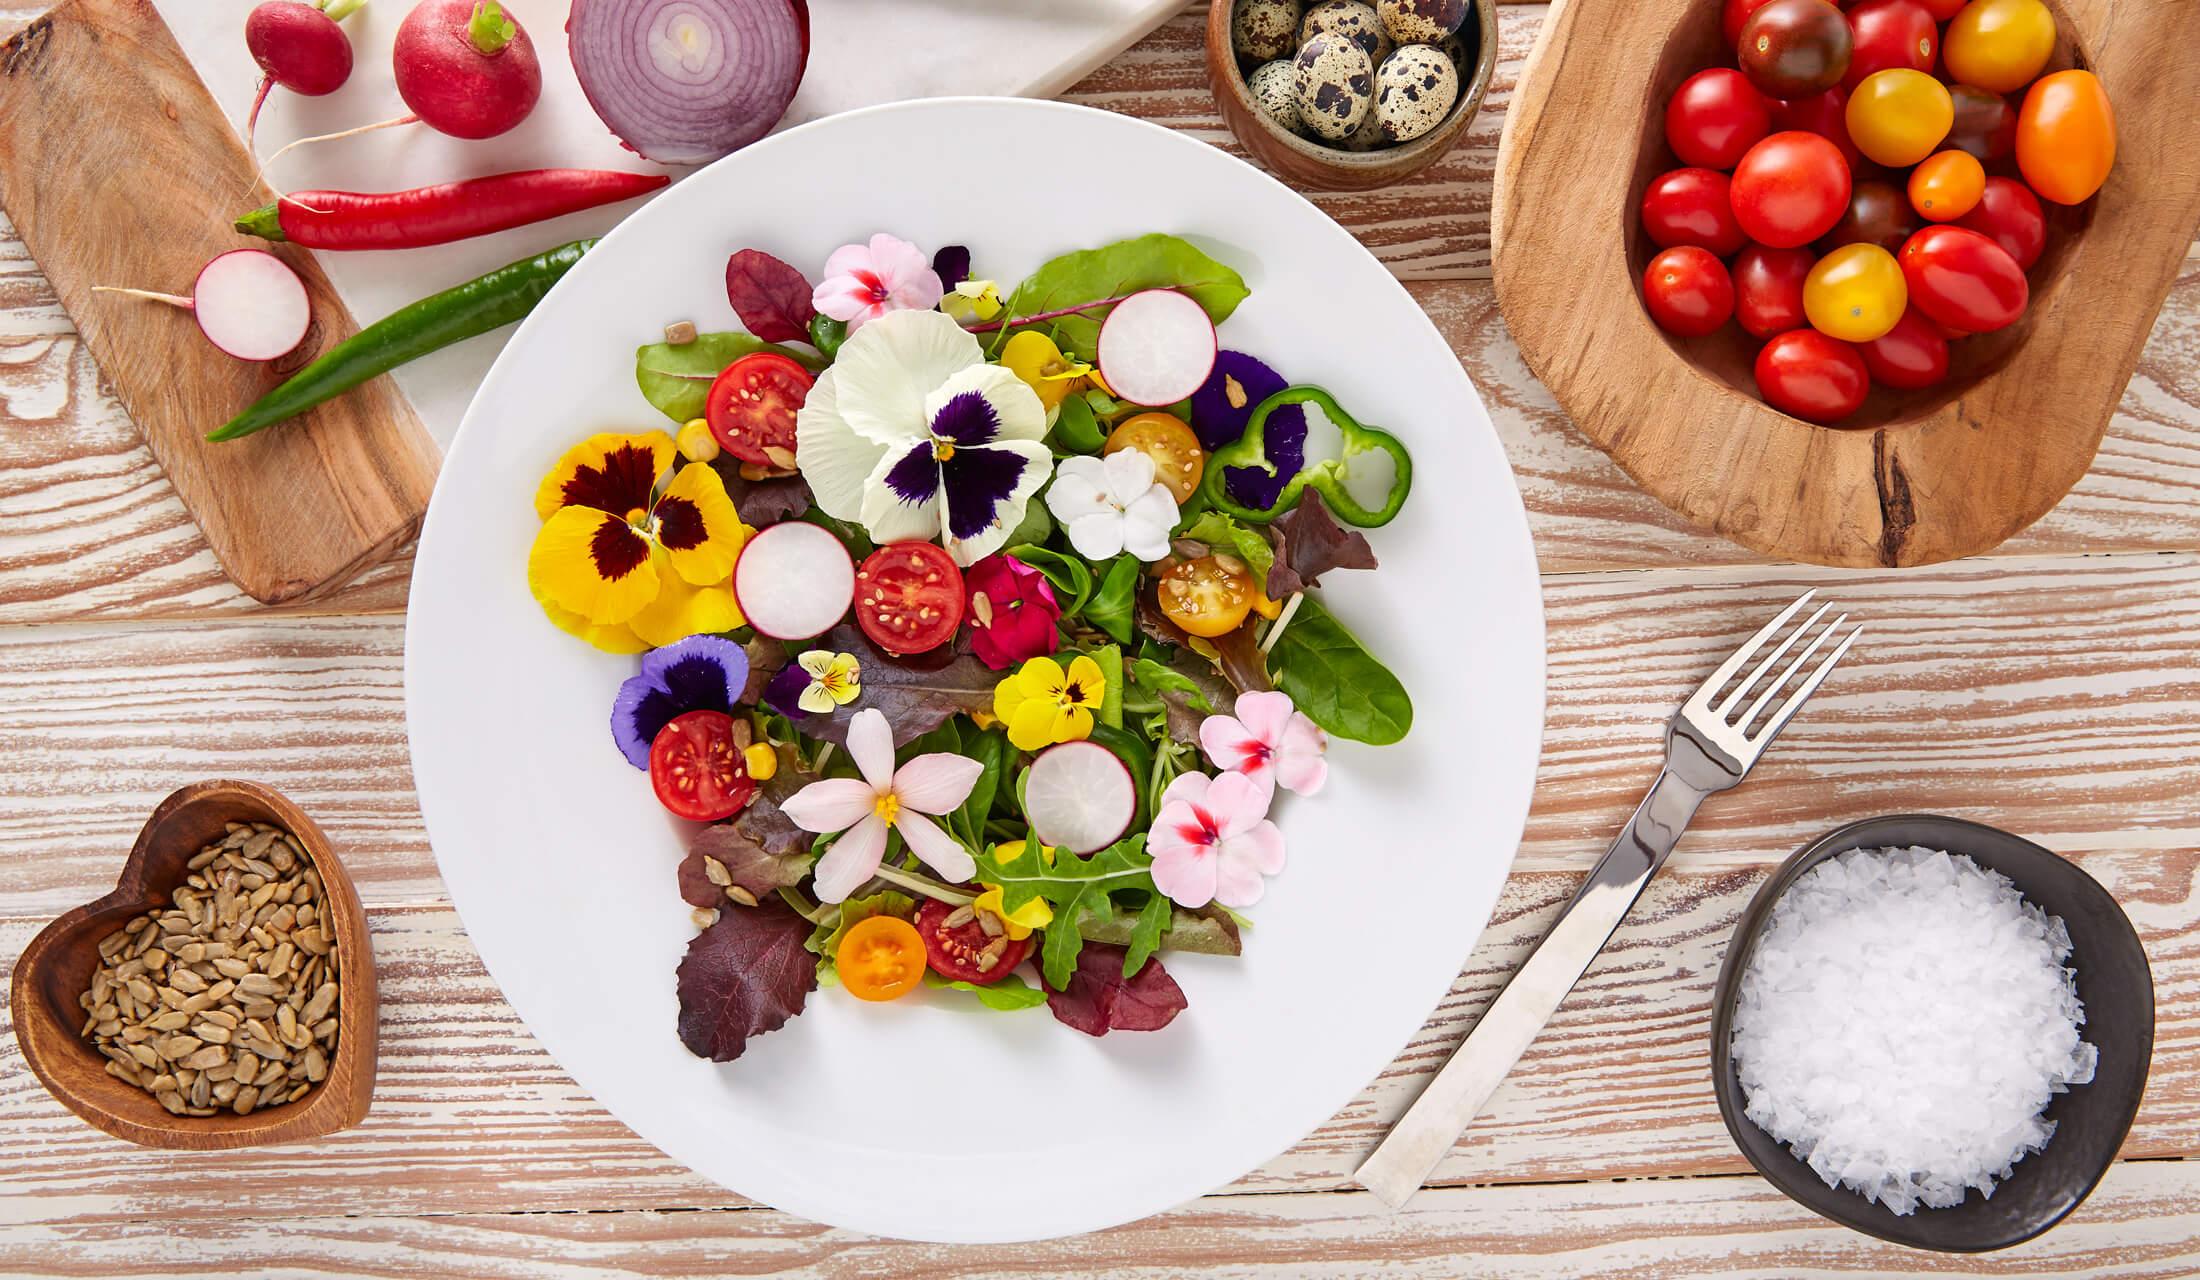 白いお皿の上に、パンジーなどの食べられるお花と赤と黄色のトマトで飾られた生野菜サラダがあり、そのお皿の周囲にフォークや塩、トマトなどが置かれている